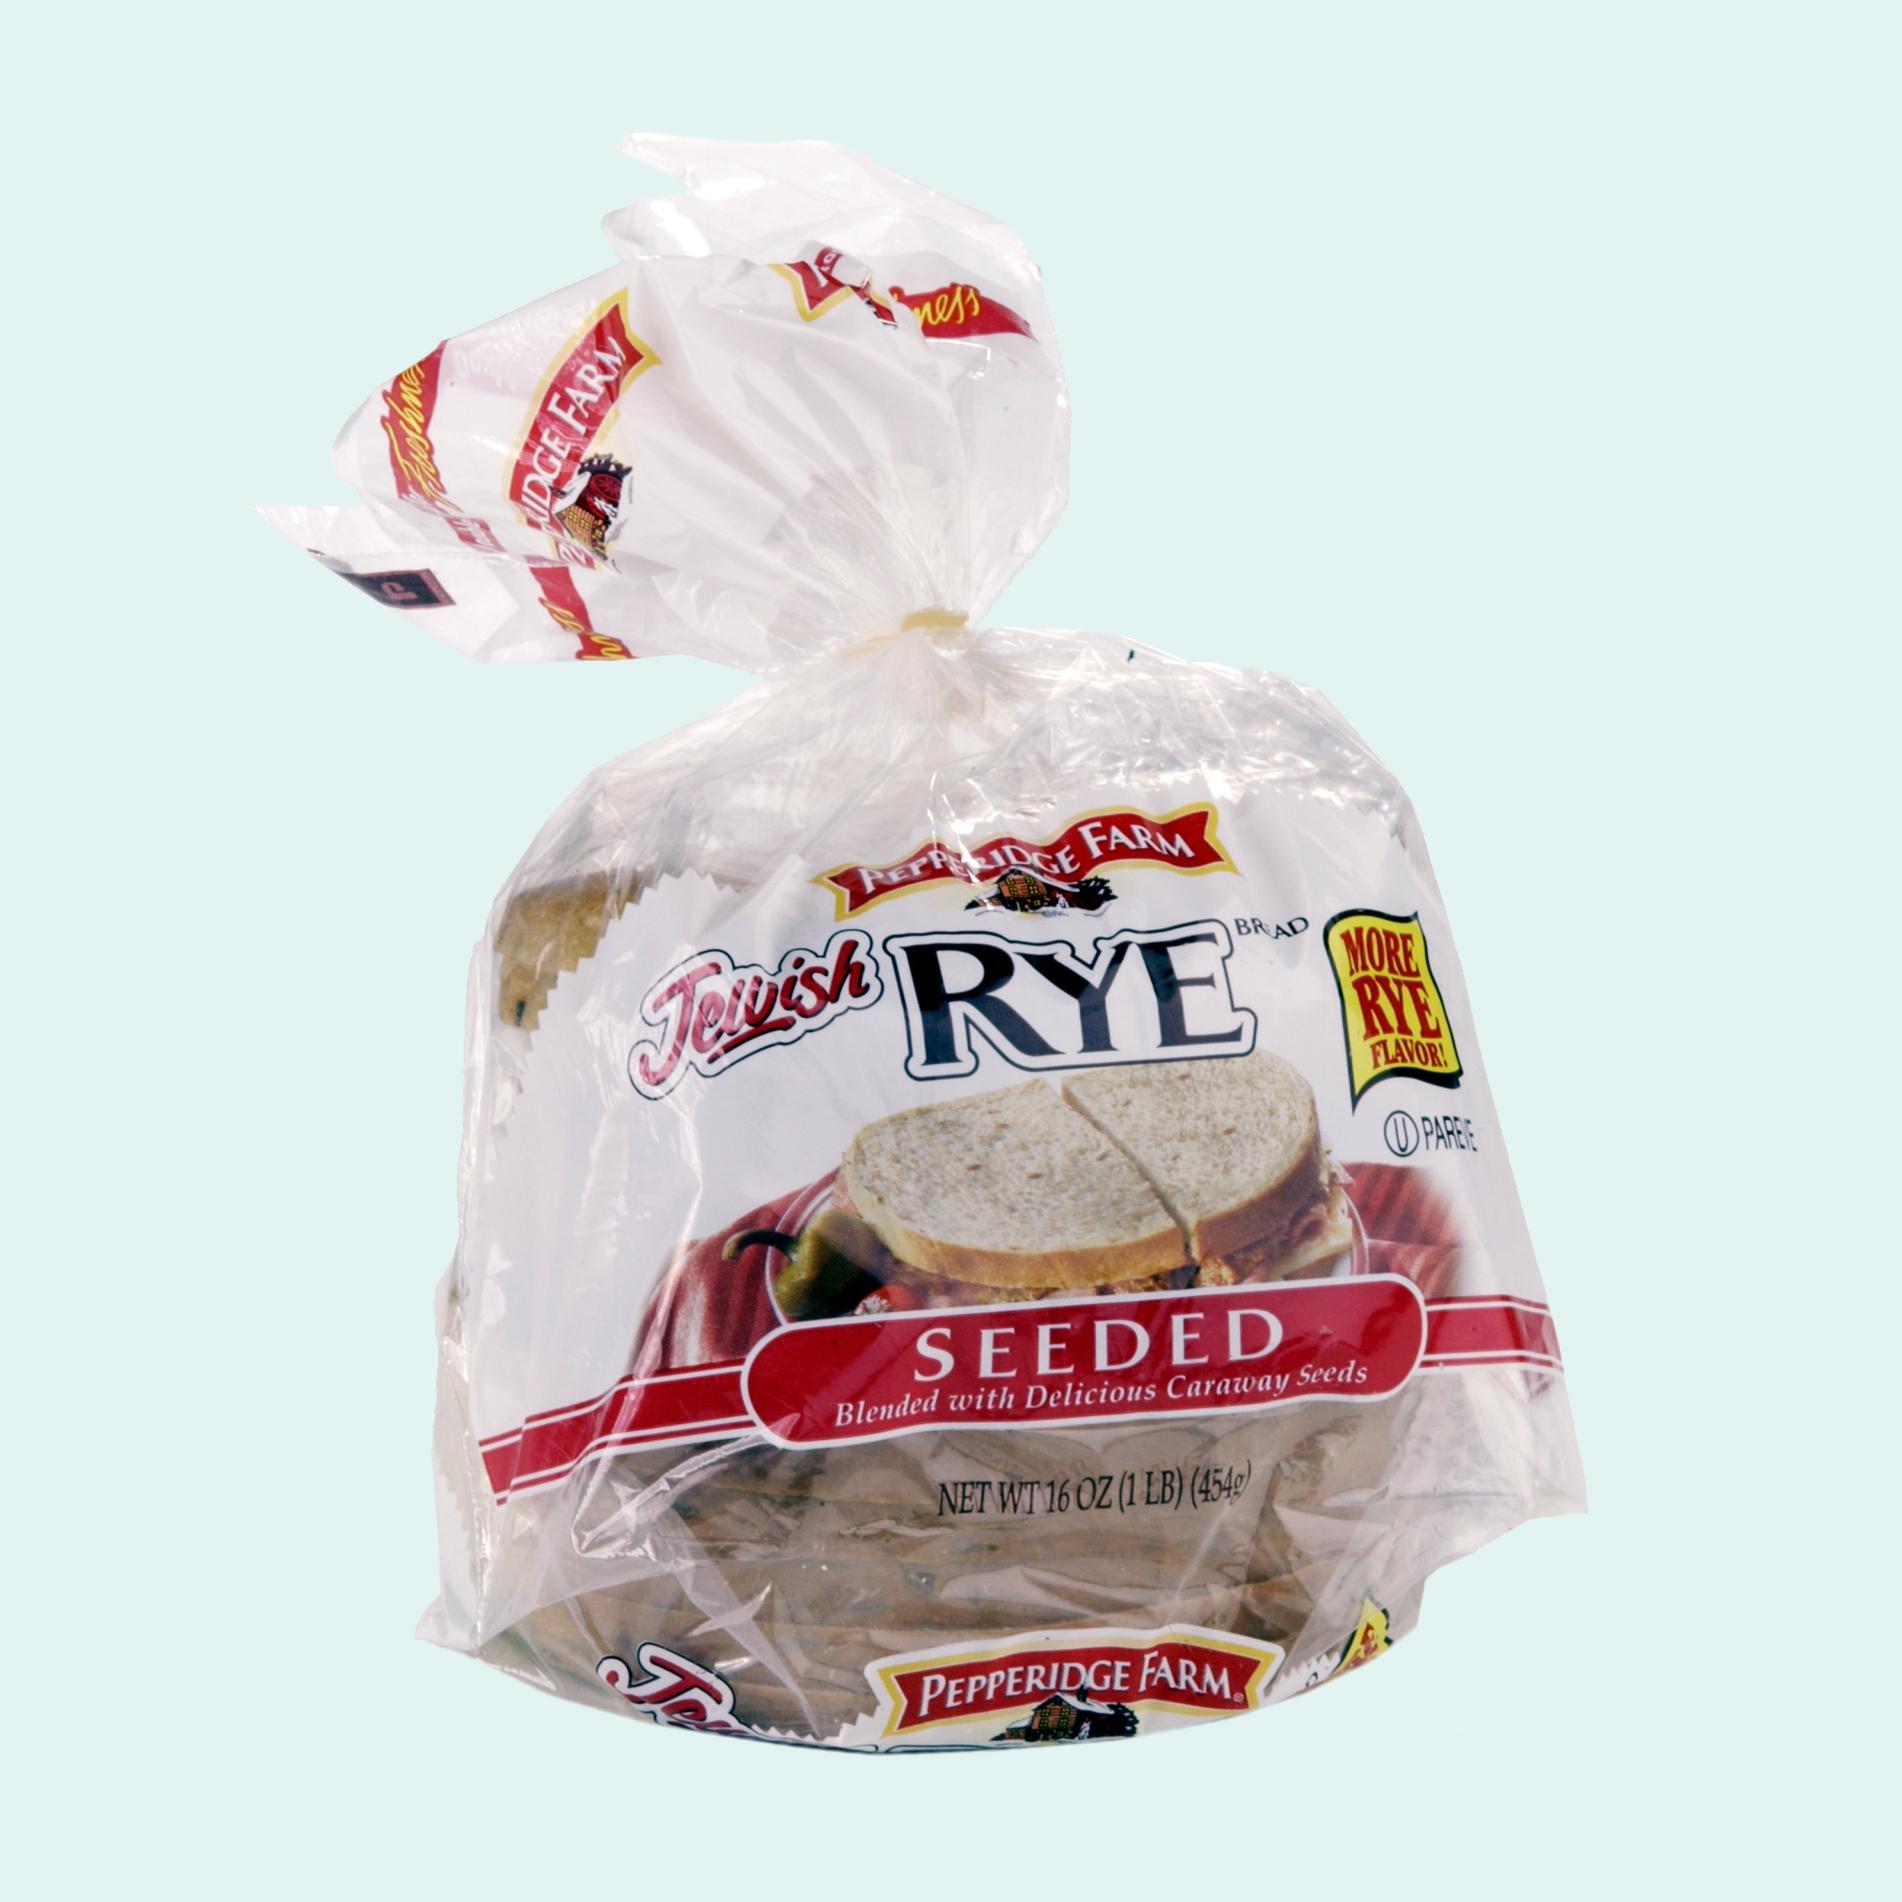 170713-food-brands-dying-pepperidge-farm-bread